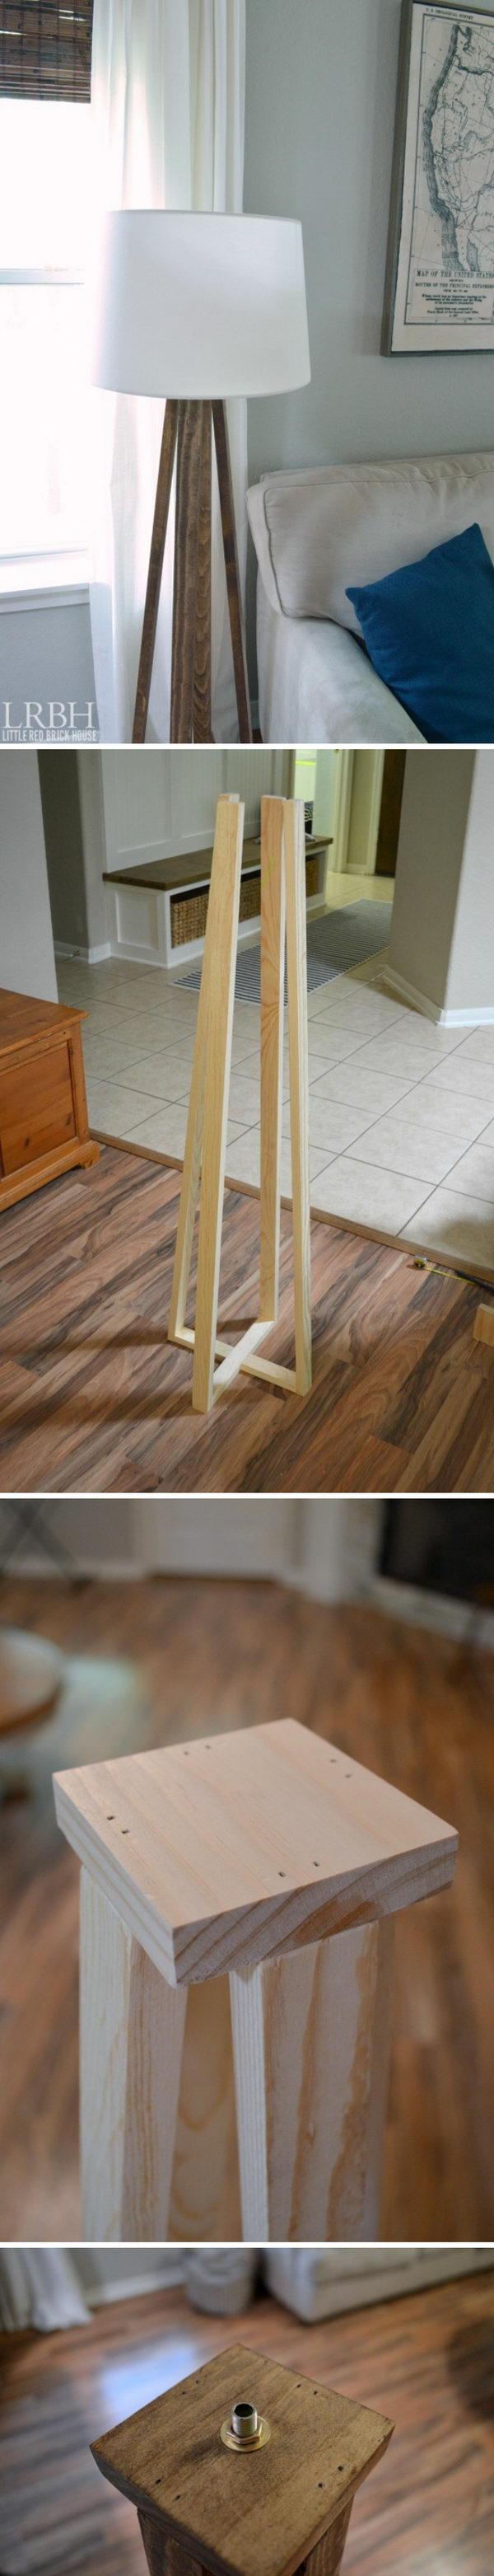 9 lamp ideas diy - 20 Easy DIY Lamp Ideas for Home Decor